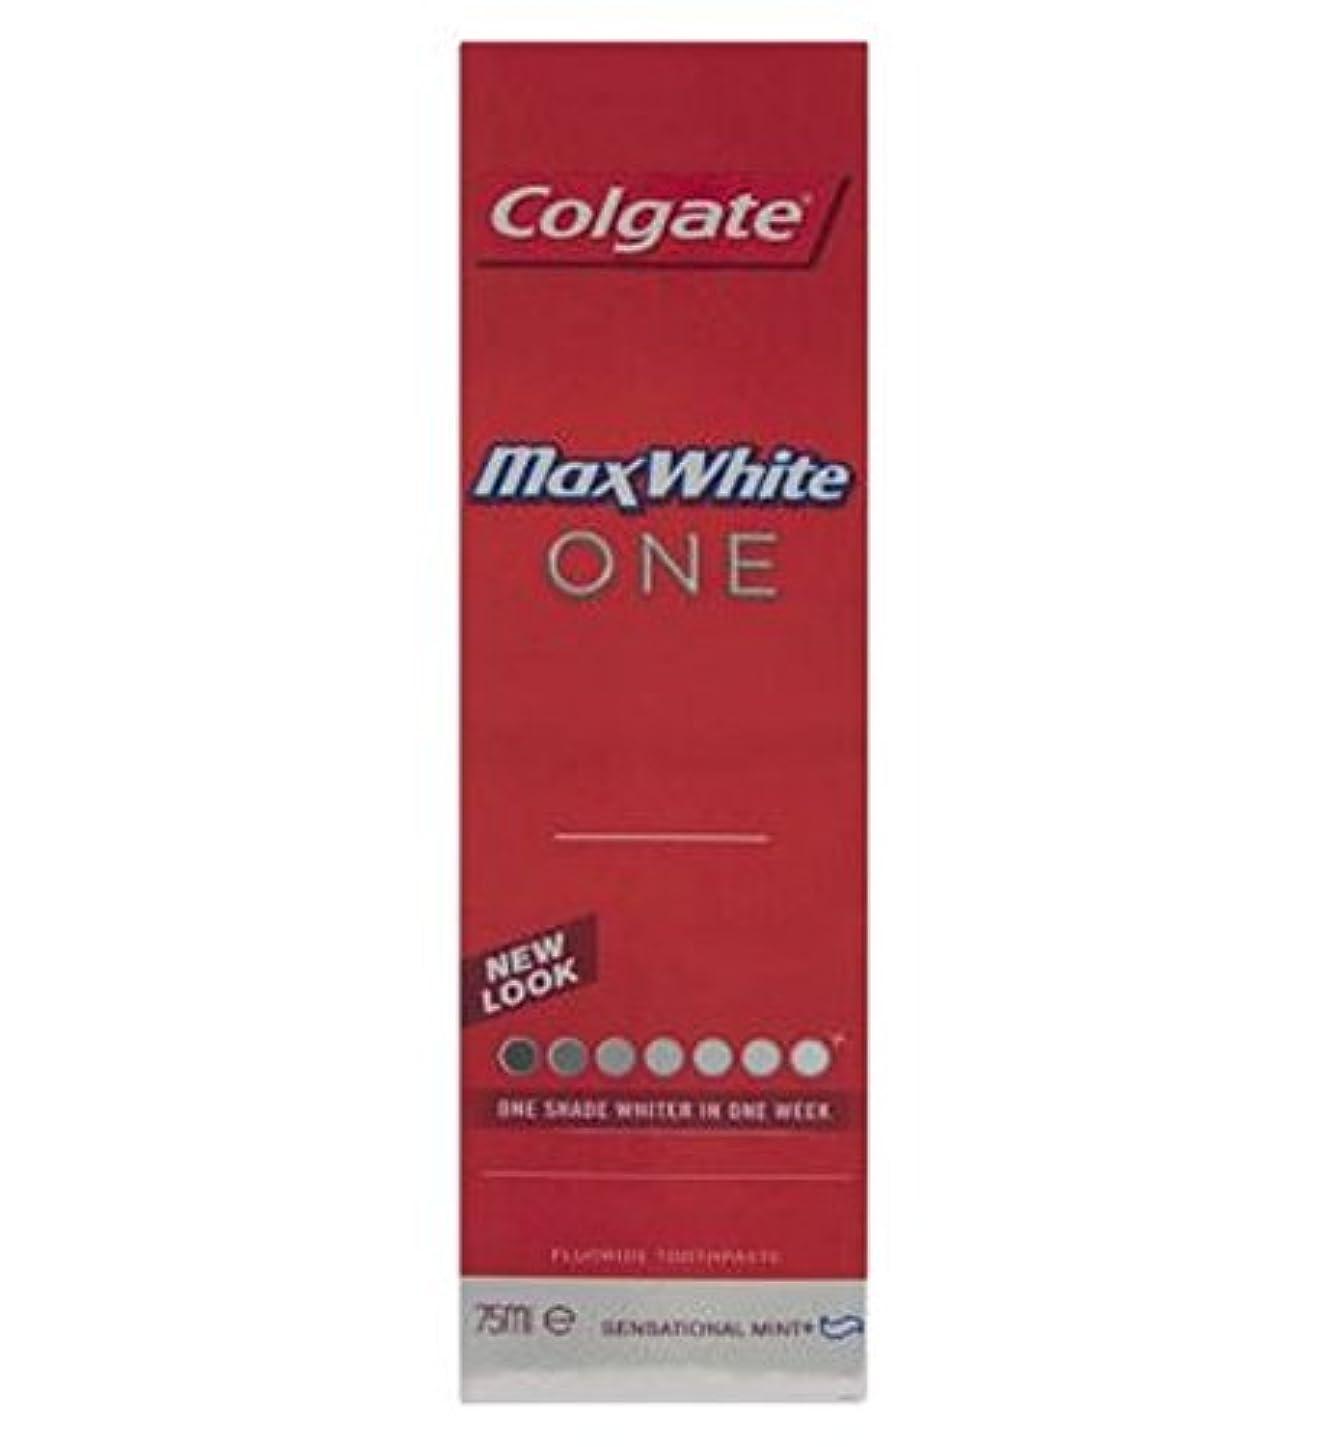 それぞれカメラ適用済みコルゲートマックスホワイト1新鮮な歯磨き粉75ミリリットル (Colgate) (x2) - Colgate Max White One Fresh toothpaste 75ml (Pack of 2) [並行輸入品]